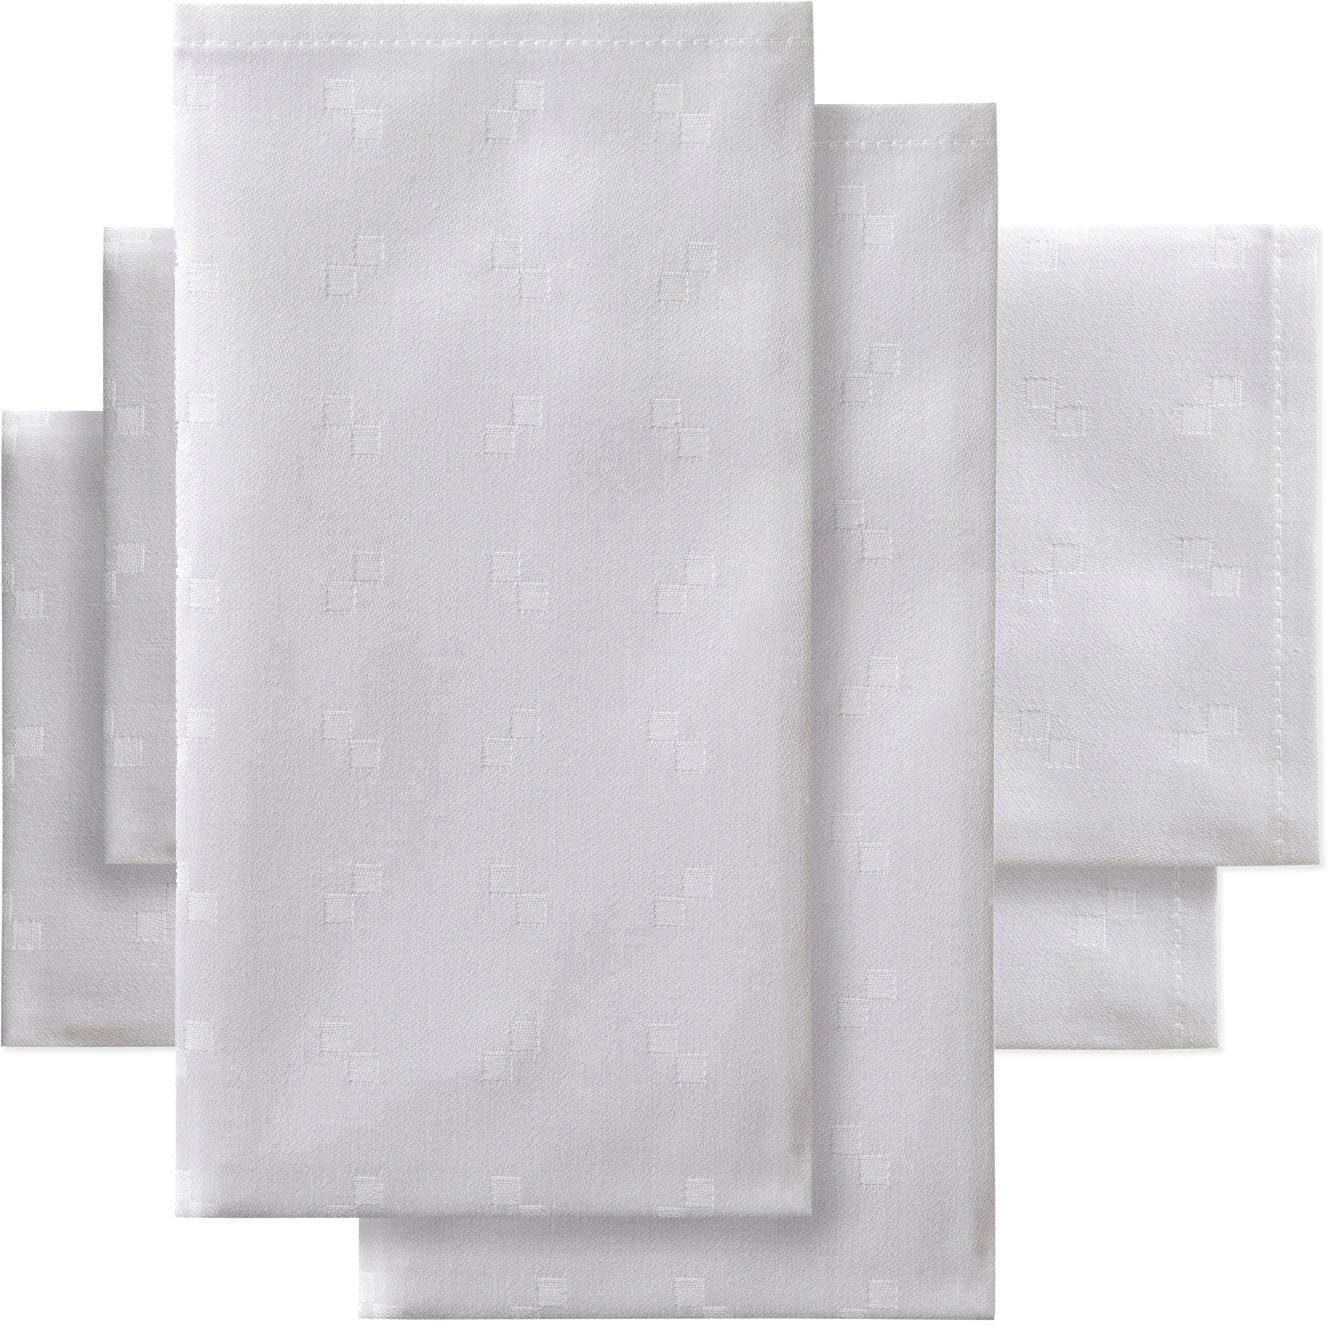 DDDDD Stoffserviette Quadrat, (Set, 4 St.), Damast, 50x50 cm, mit kleinen dezenten Quadraten weiß Stoffservietten Tischwäsche